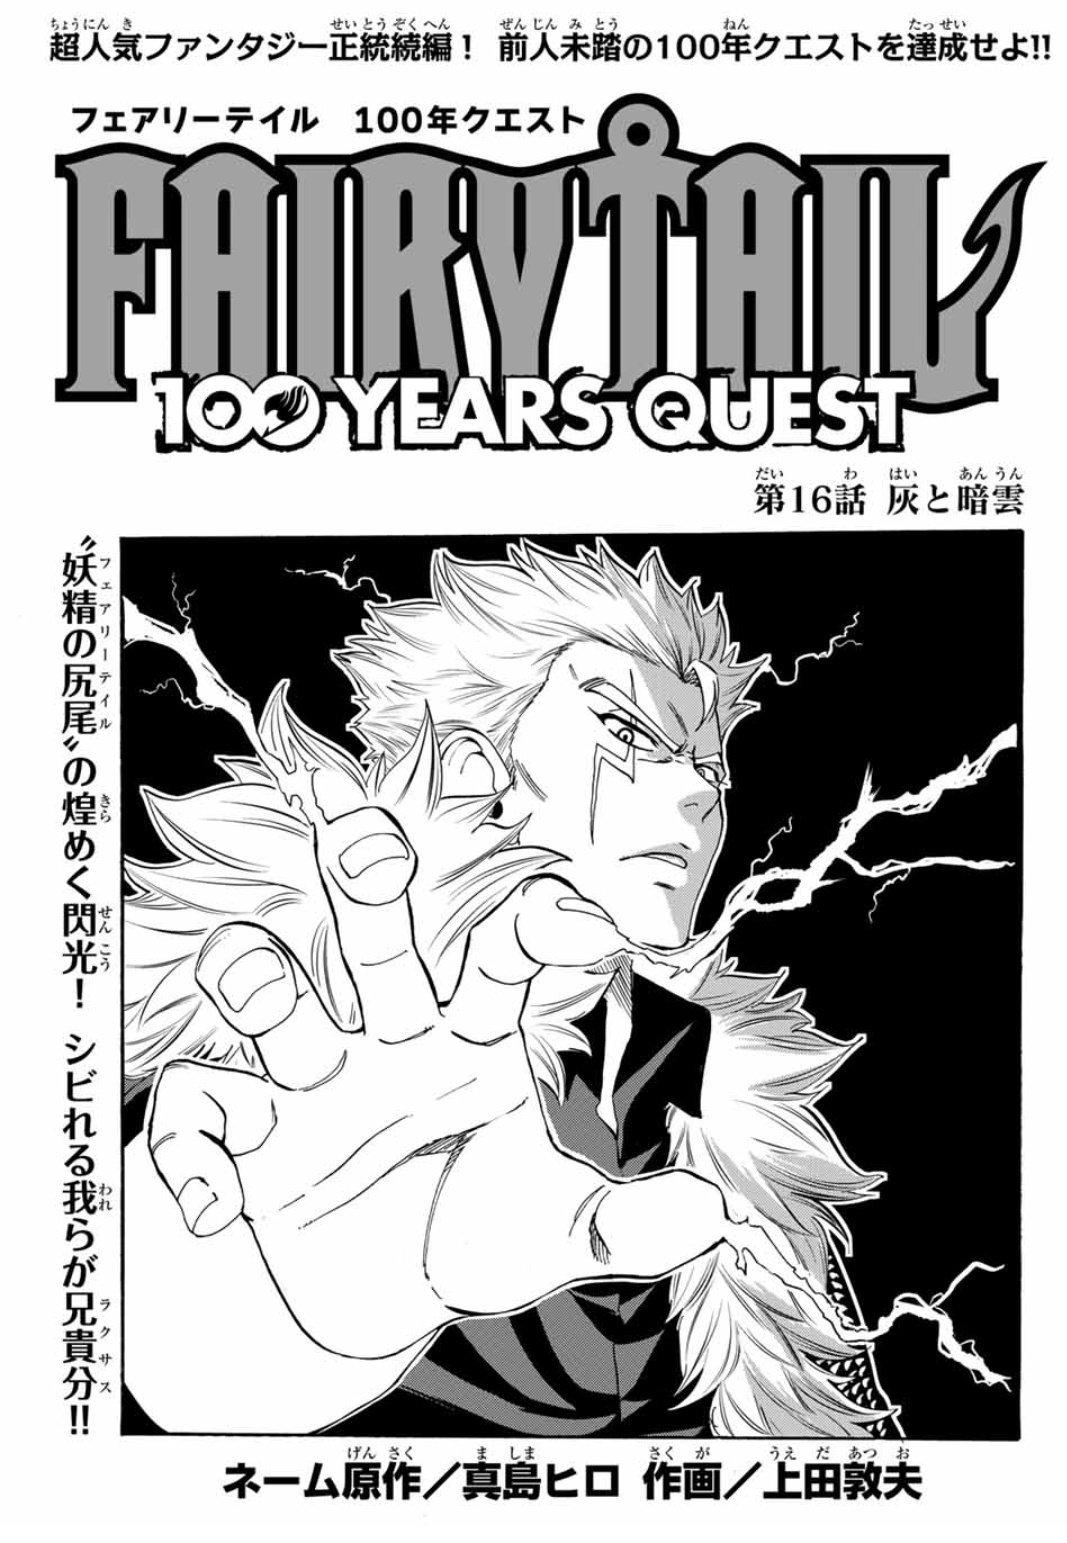 フェアリー テイル 100 年 クエスト 最 新刊